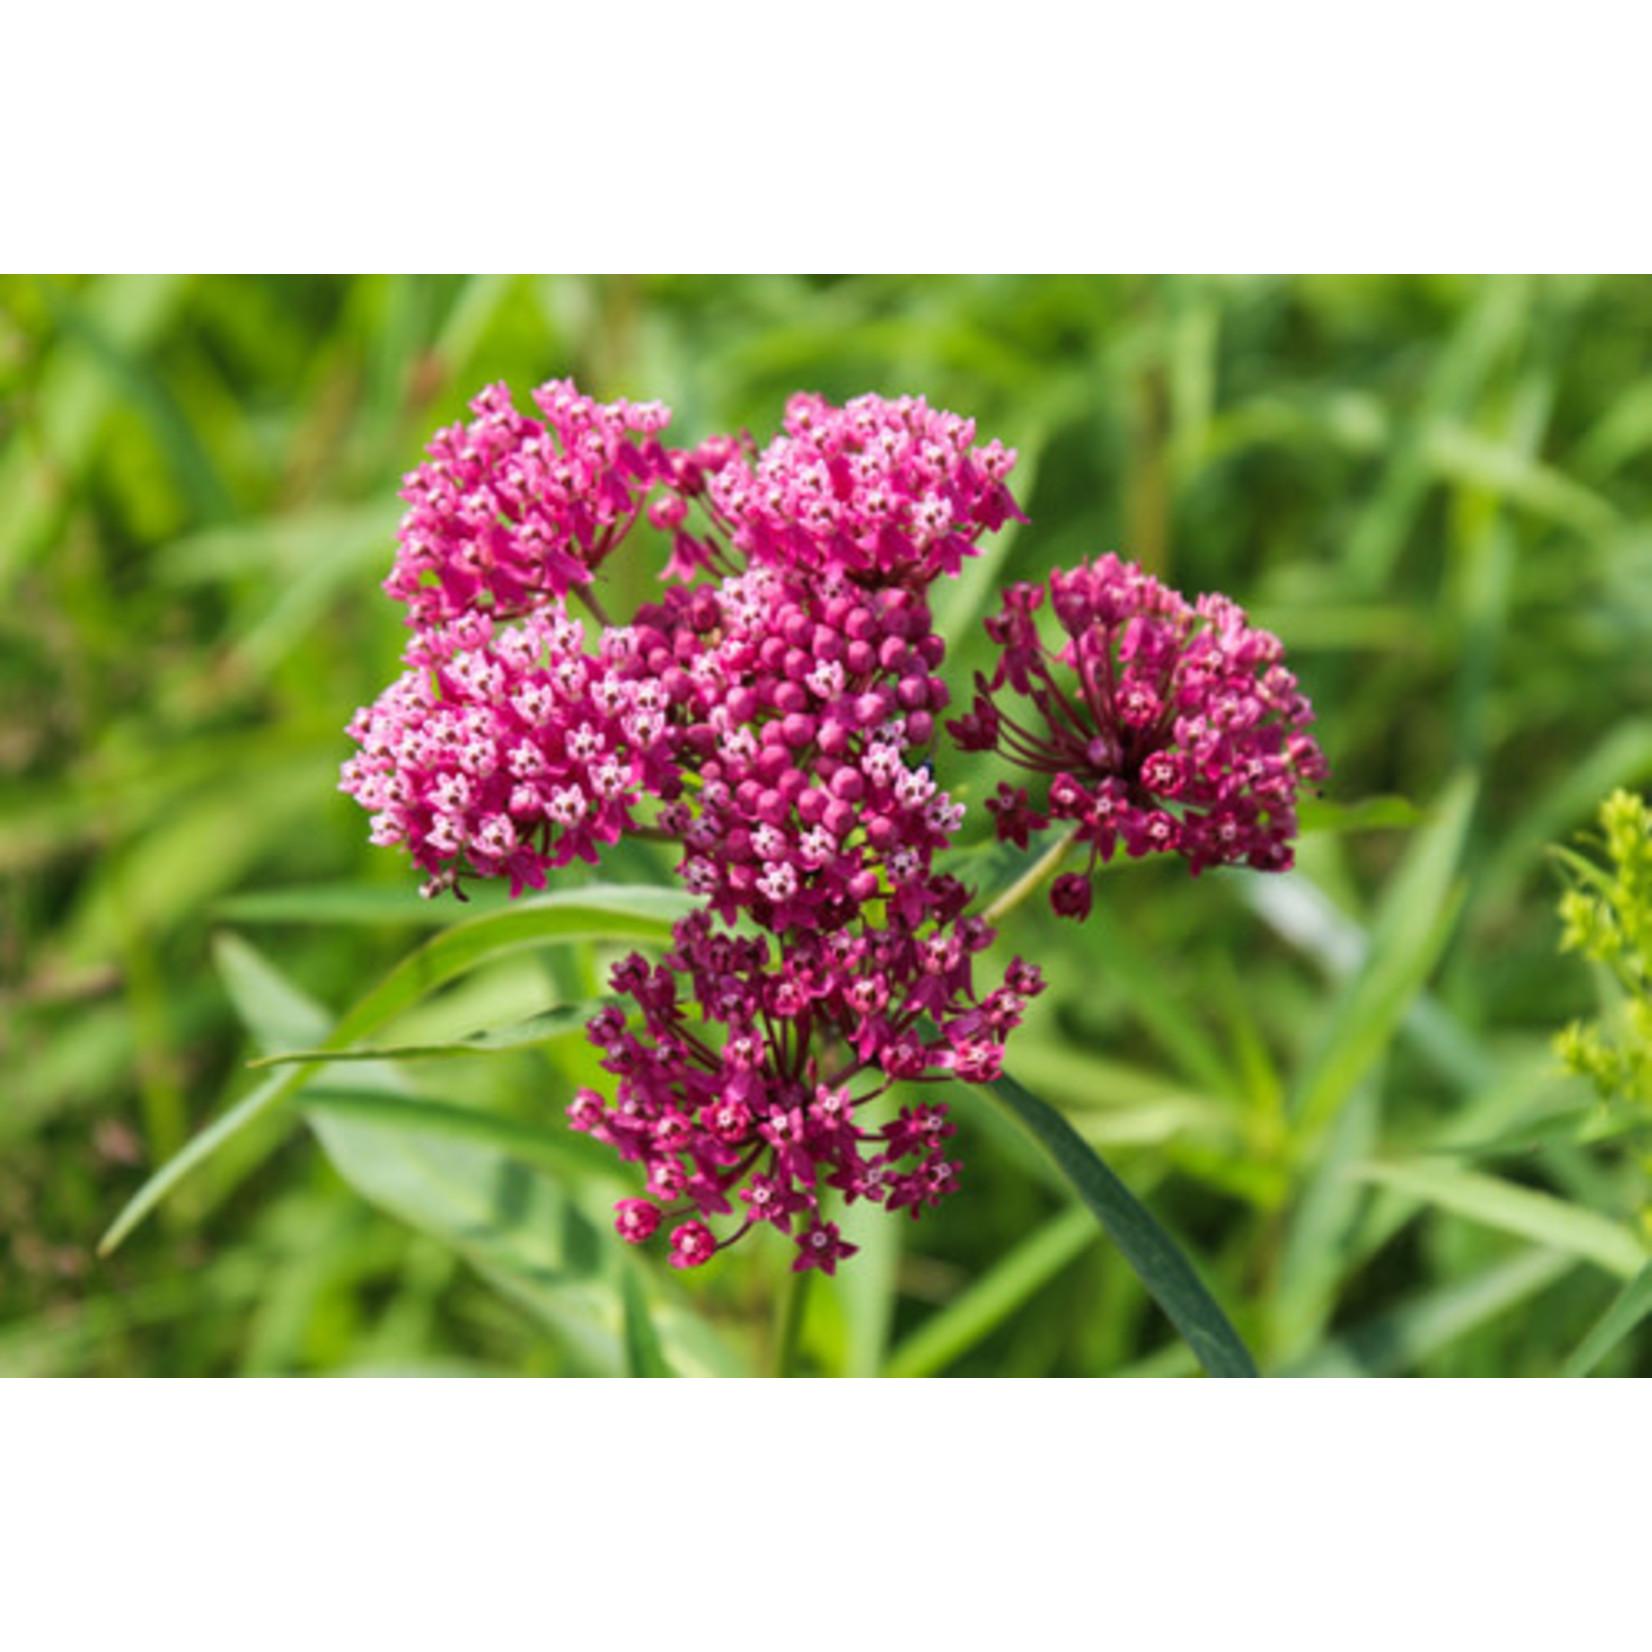 Milkweed (seed pkg) - Common